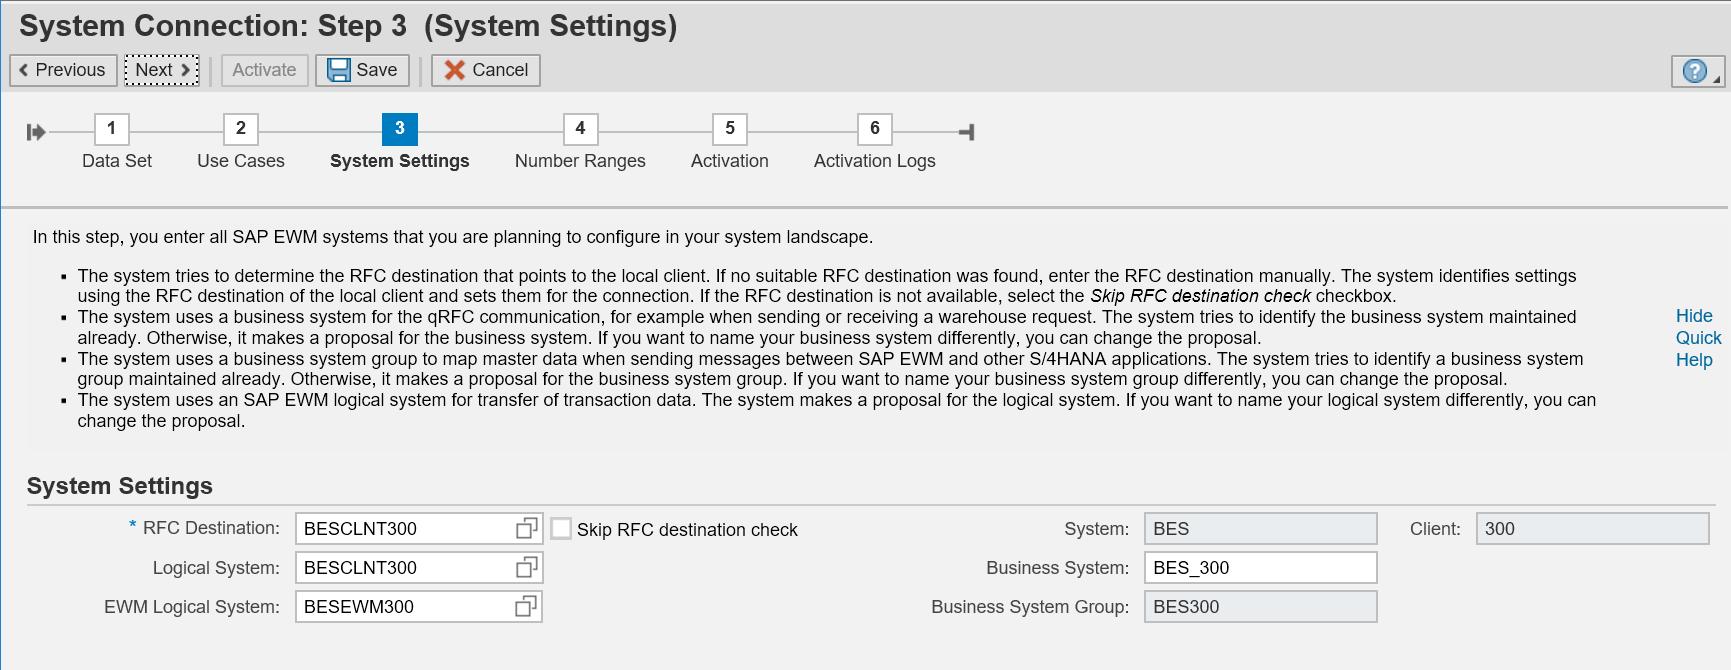 basic settings for sap ewm in sap s 4hana 1709 sap blogs rh blogs sap com sap ewm config guide sap embedded ewm configuration guide